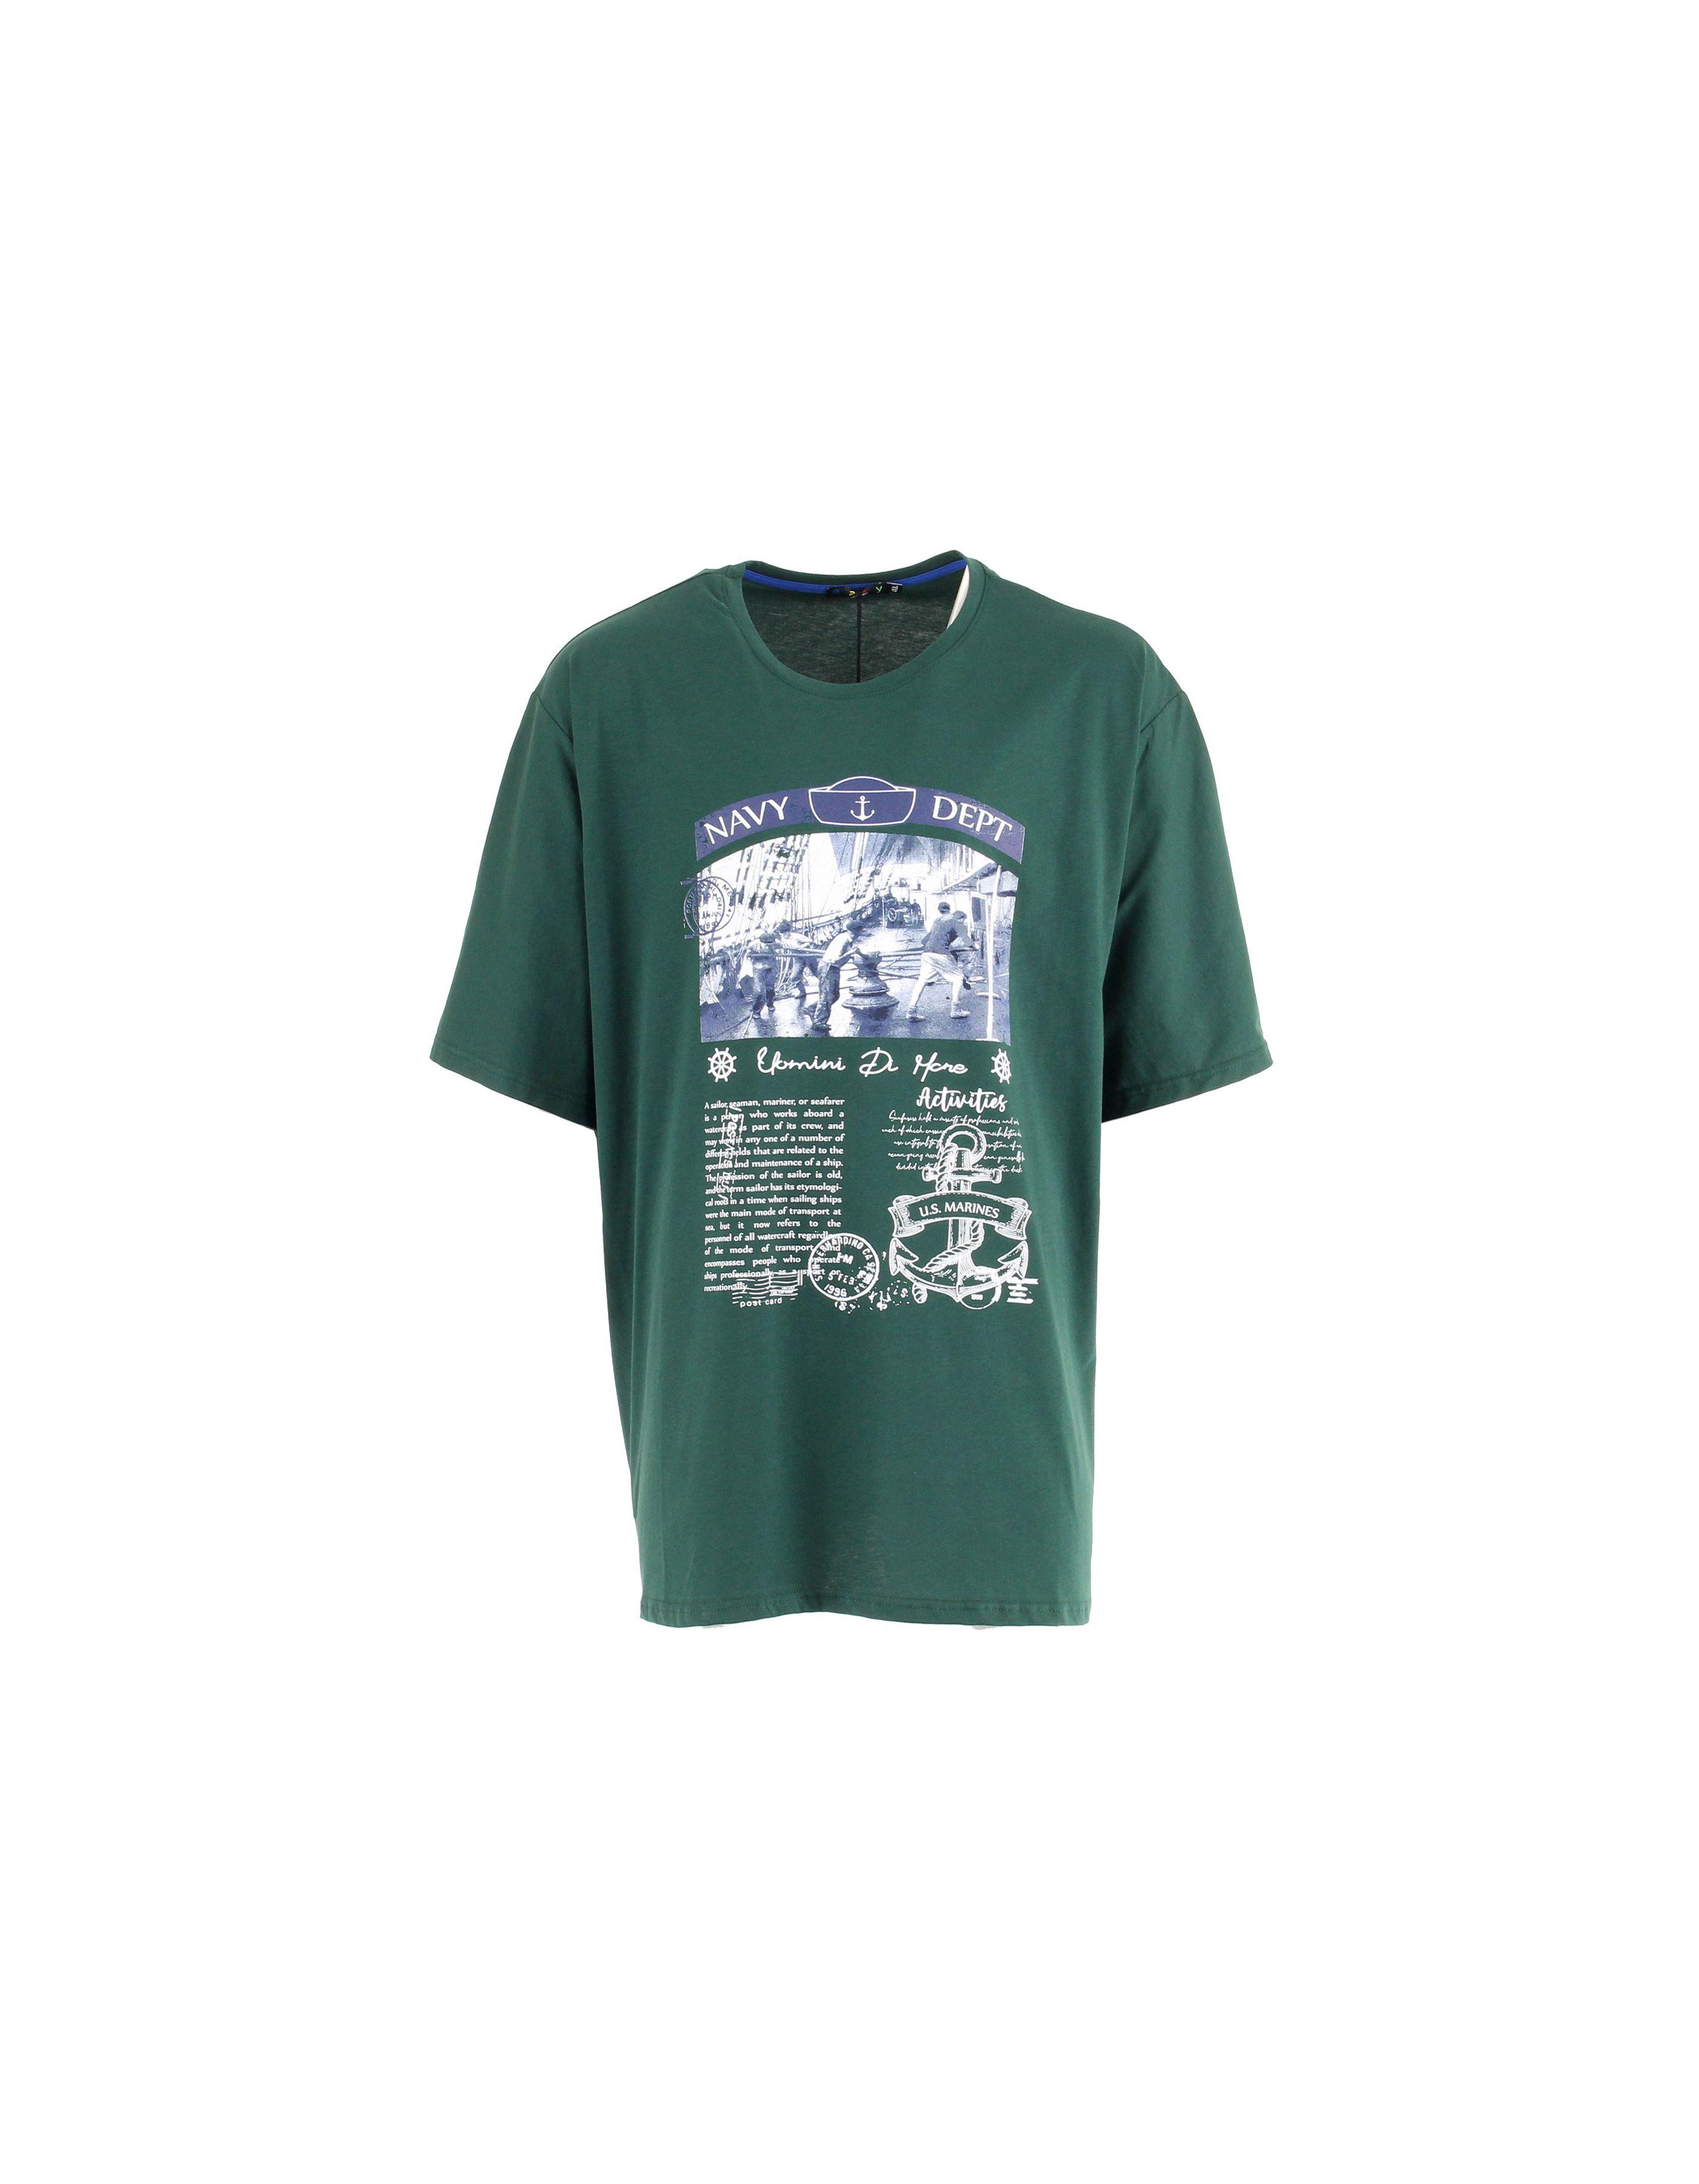 T shirt Navy Dpt